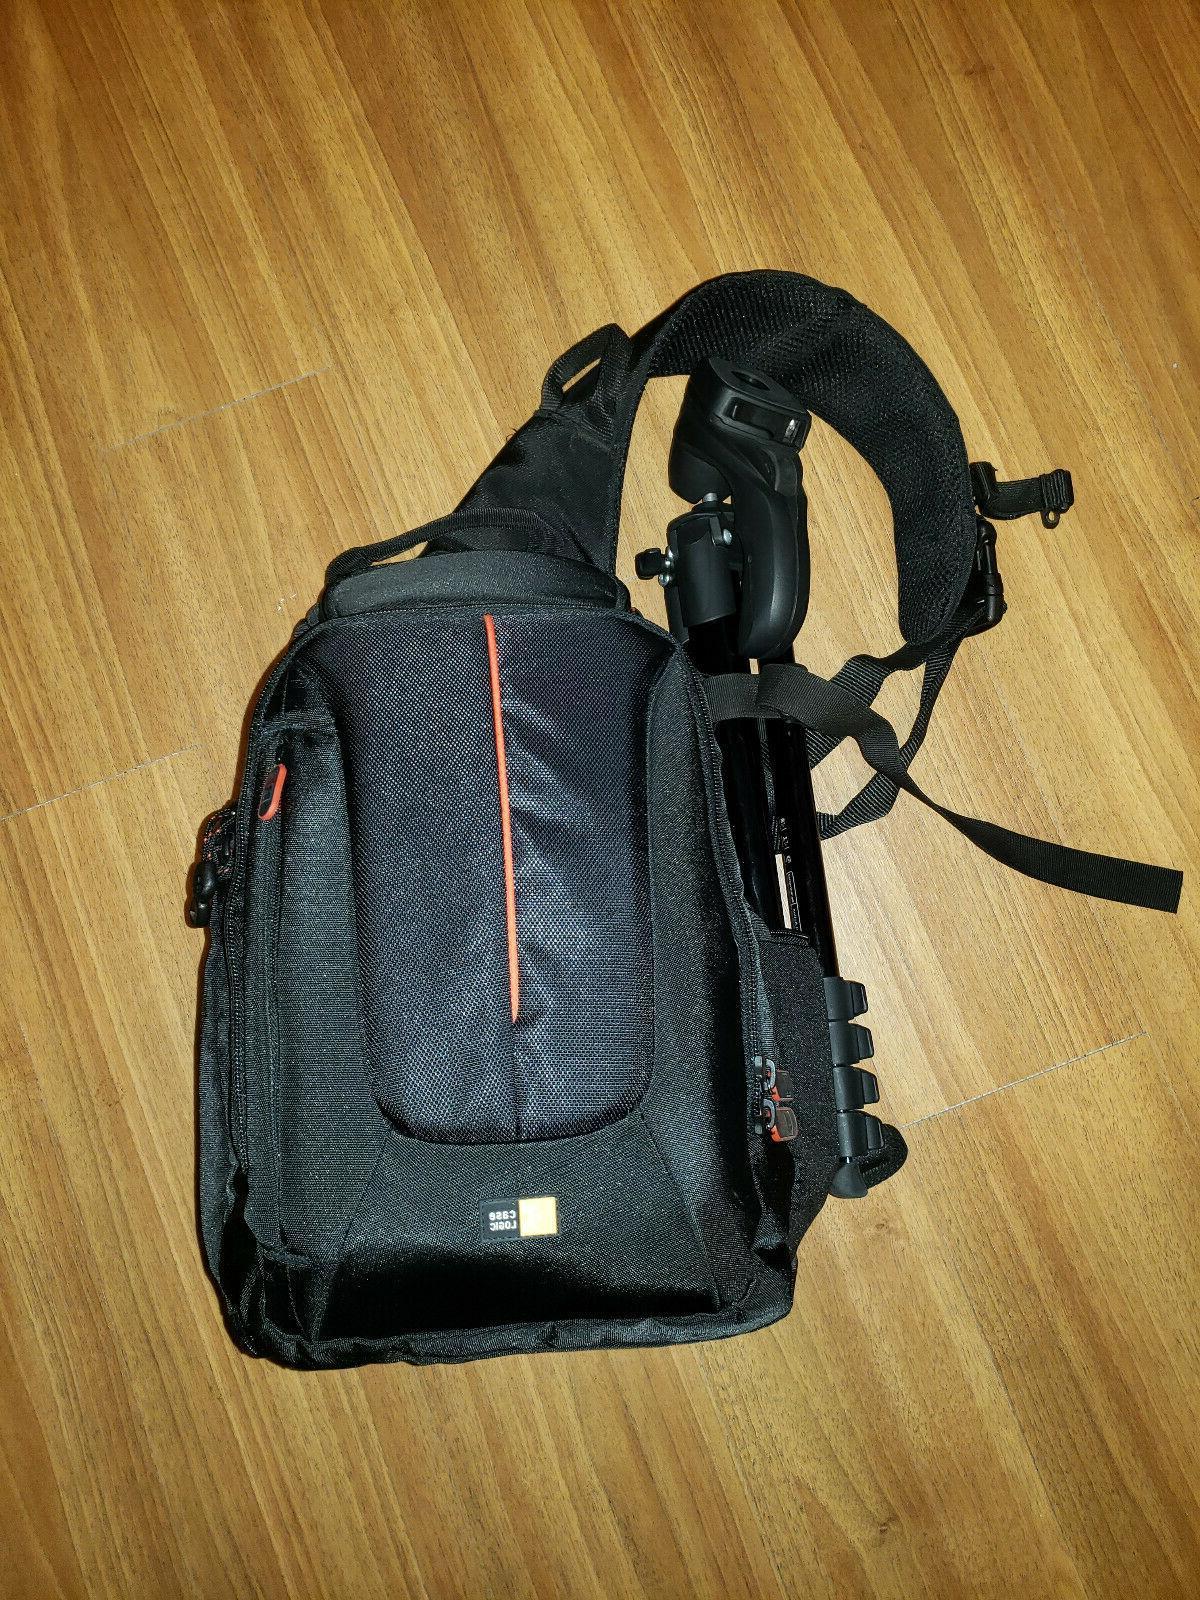 dcb 308 slr camera sling black